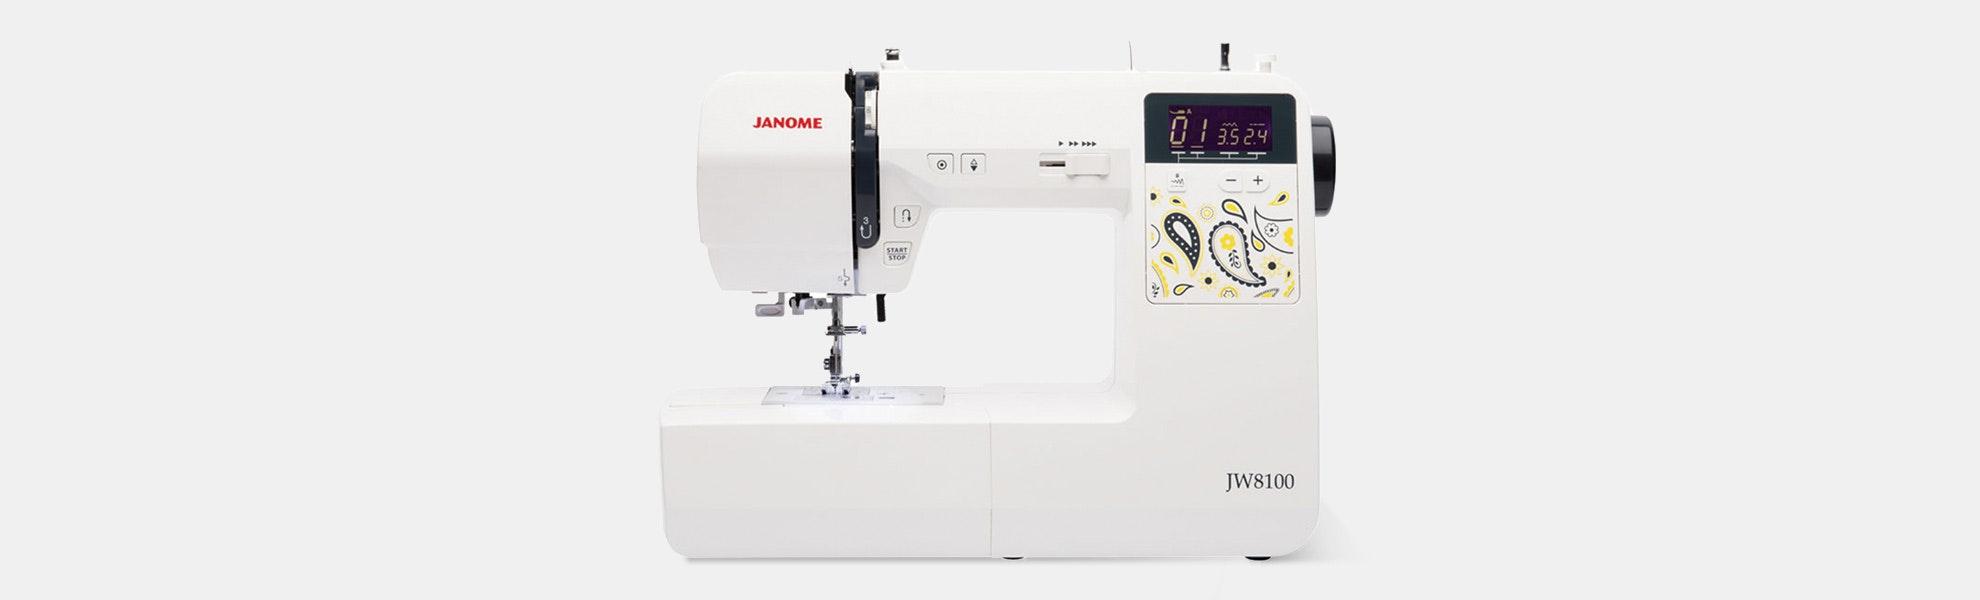 Janome JW8100 Sewing Machine